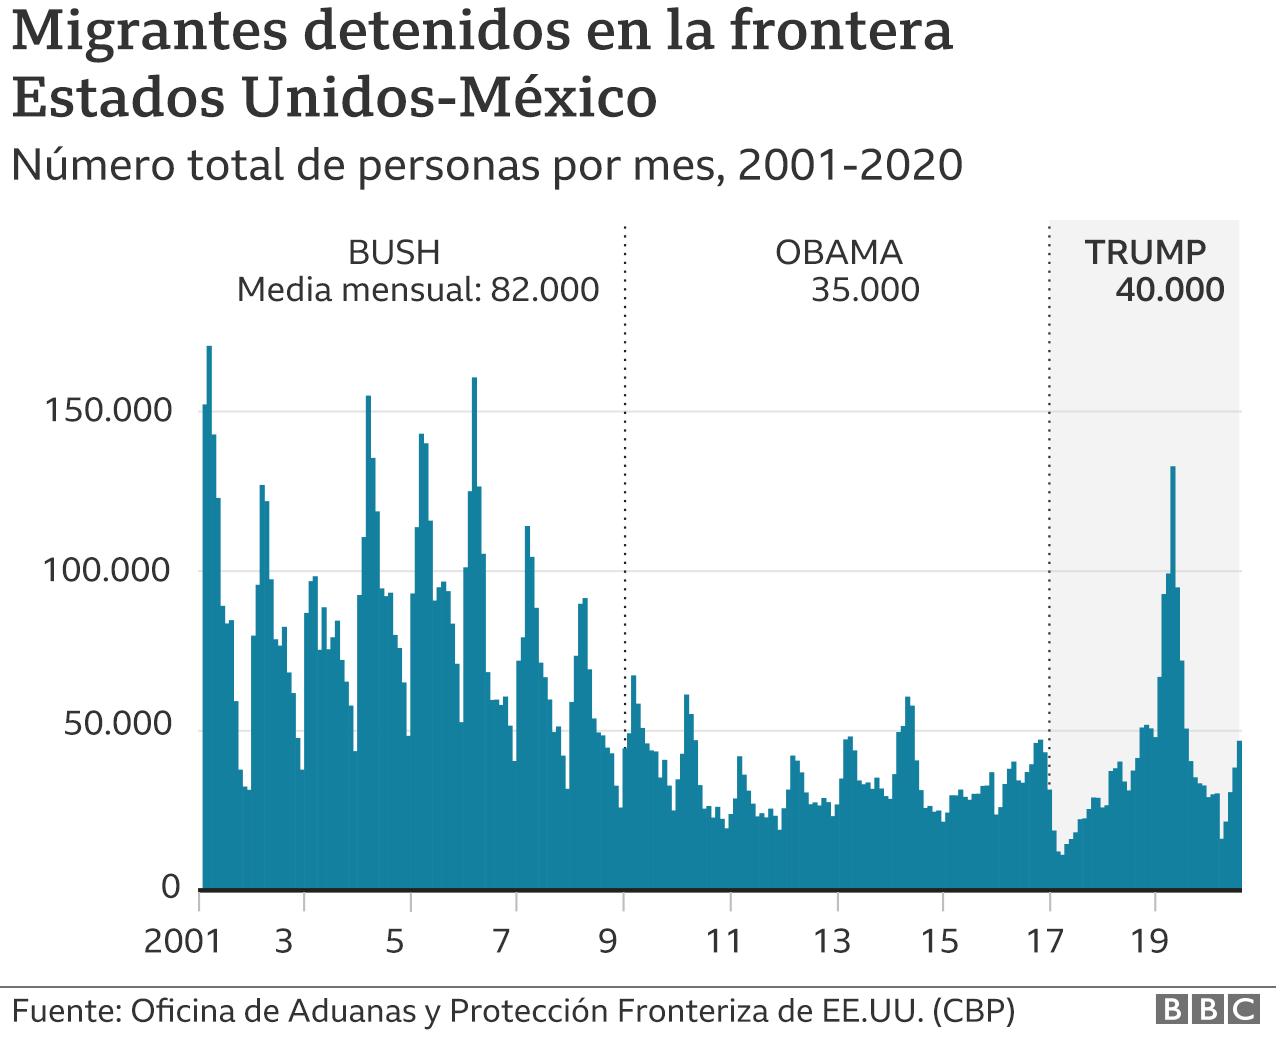 Gráfico de arrestos en la frontera México-Estados Unidos